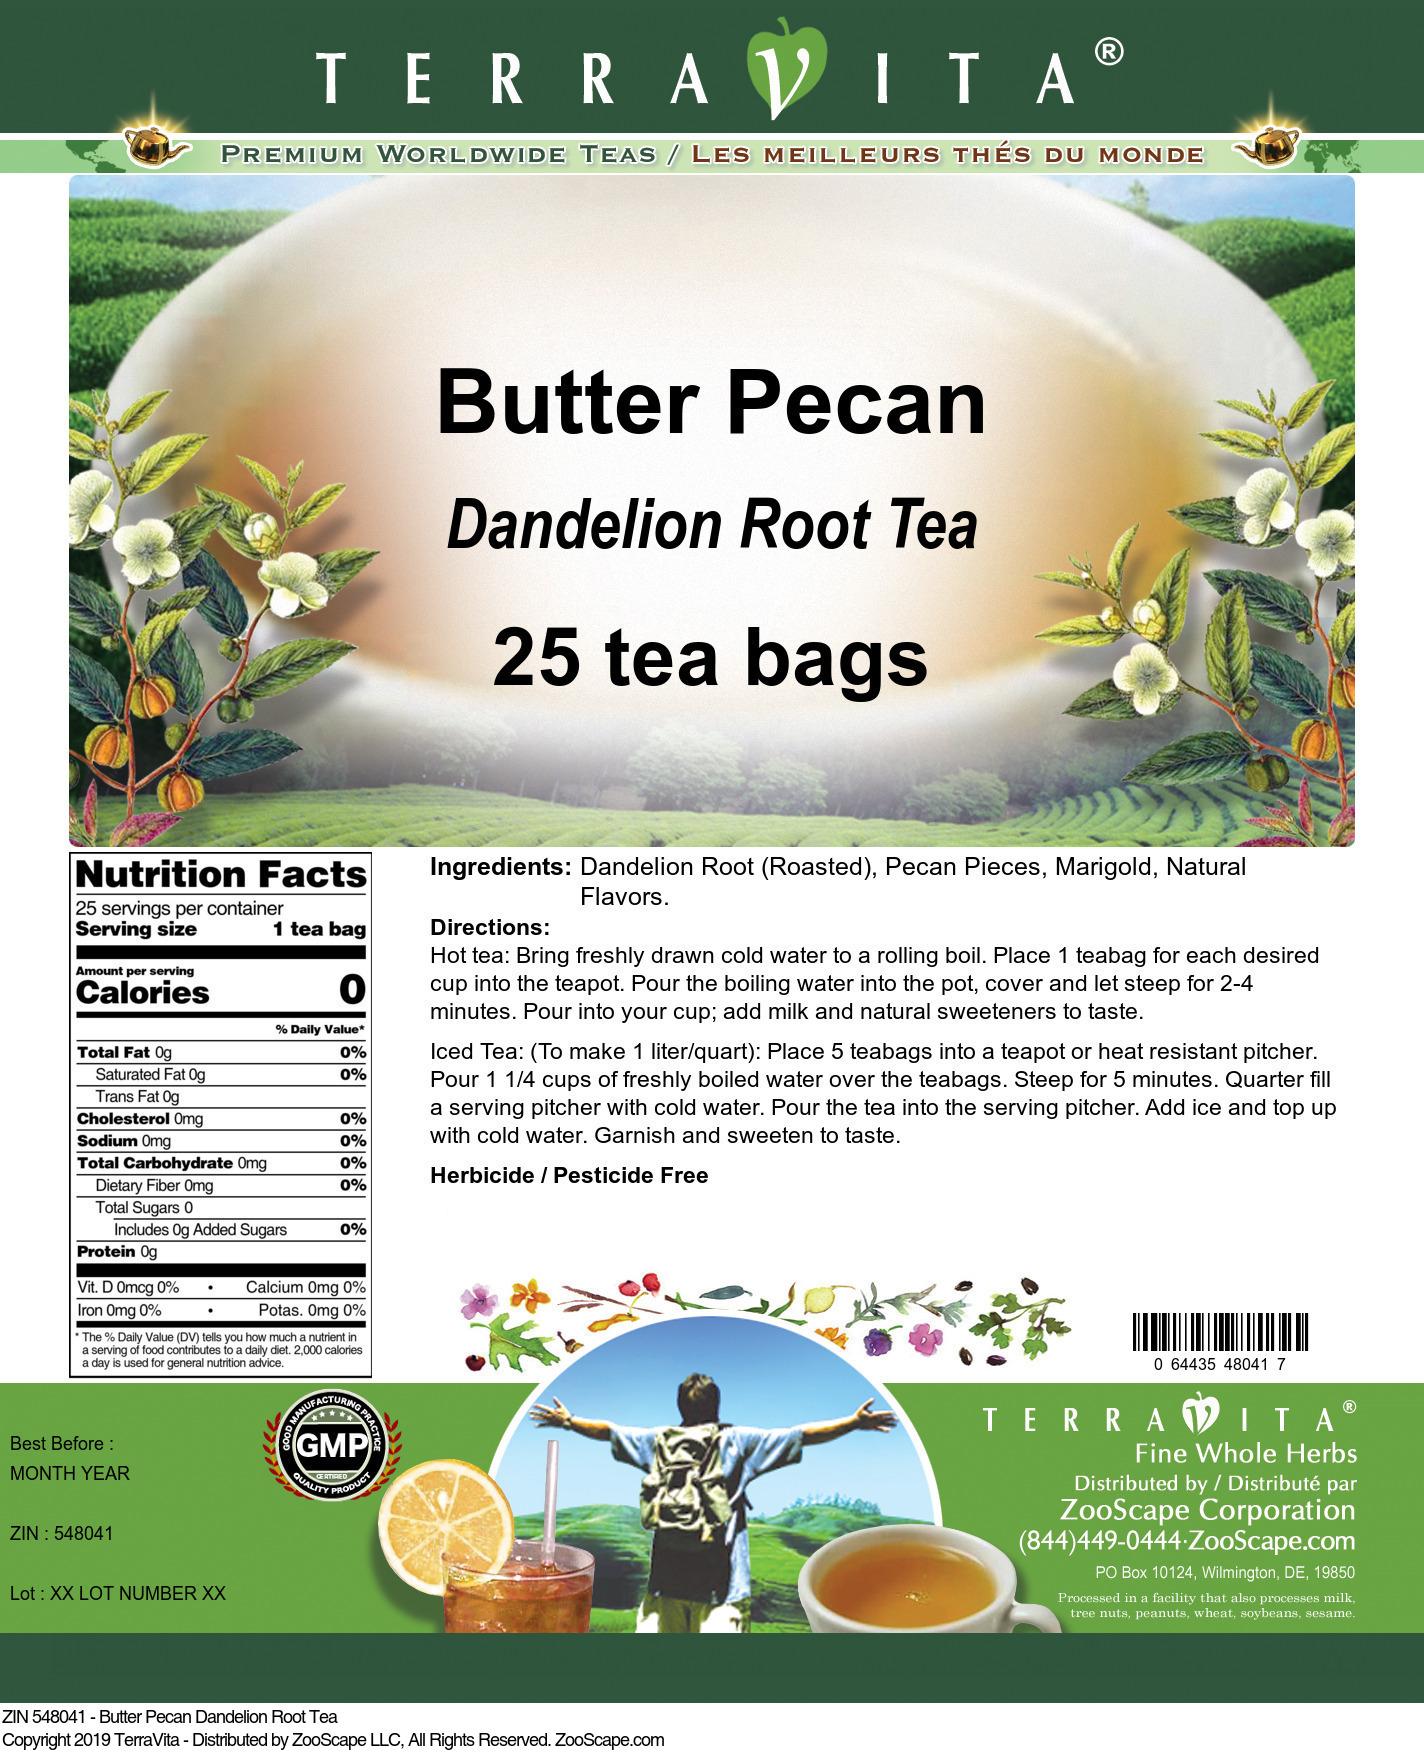 Butter Pecan Dandelion Root